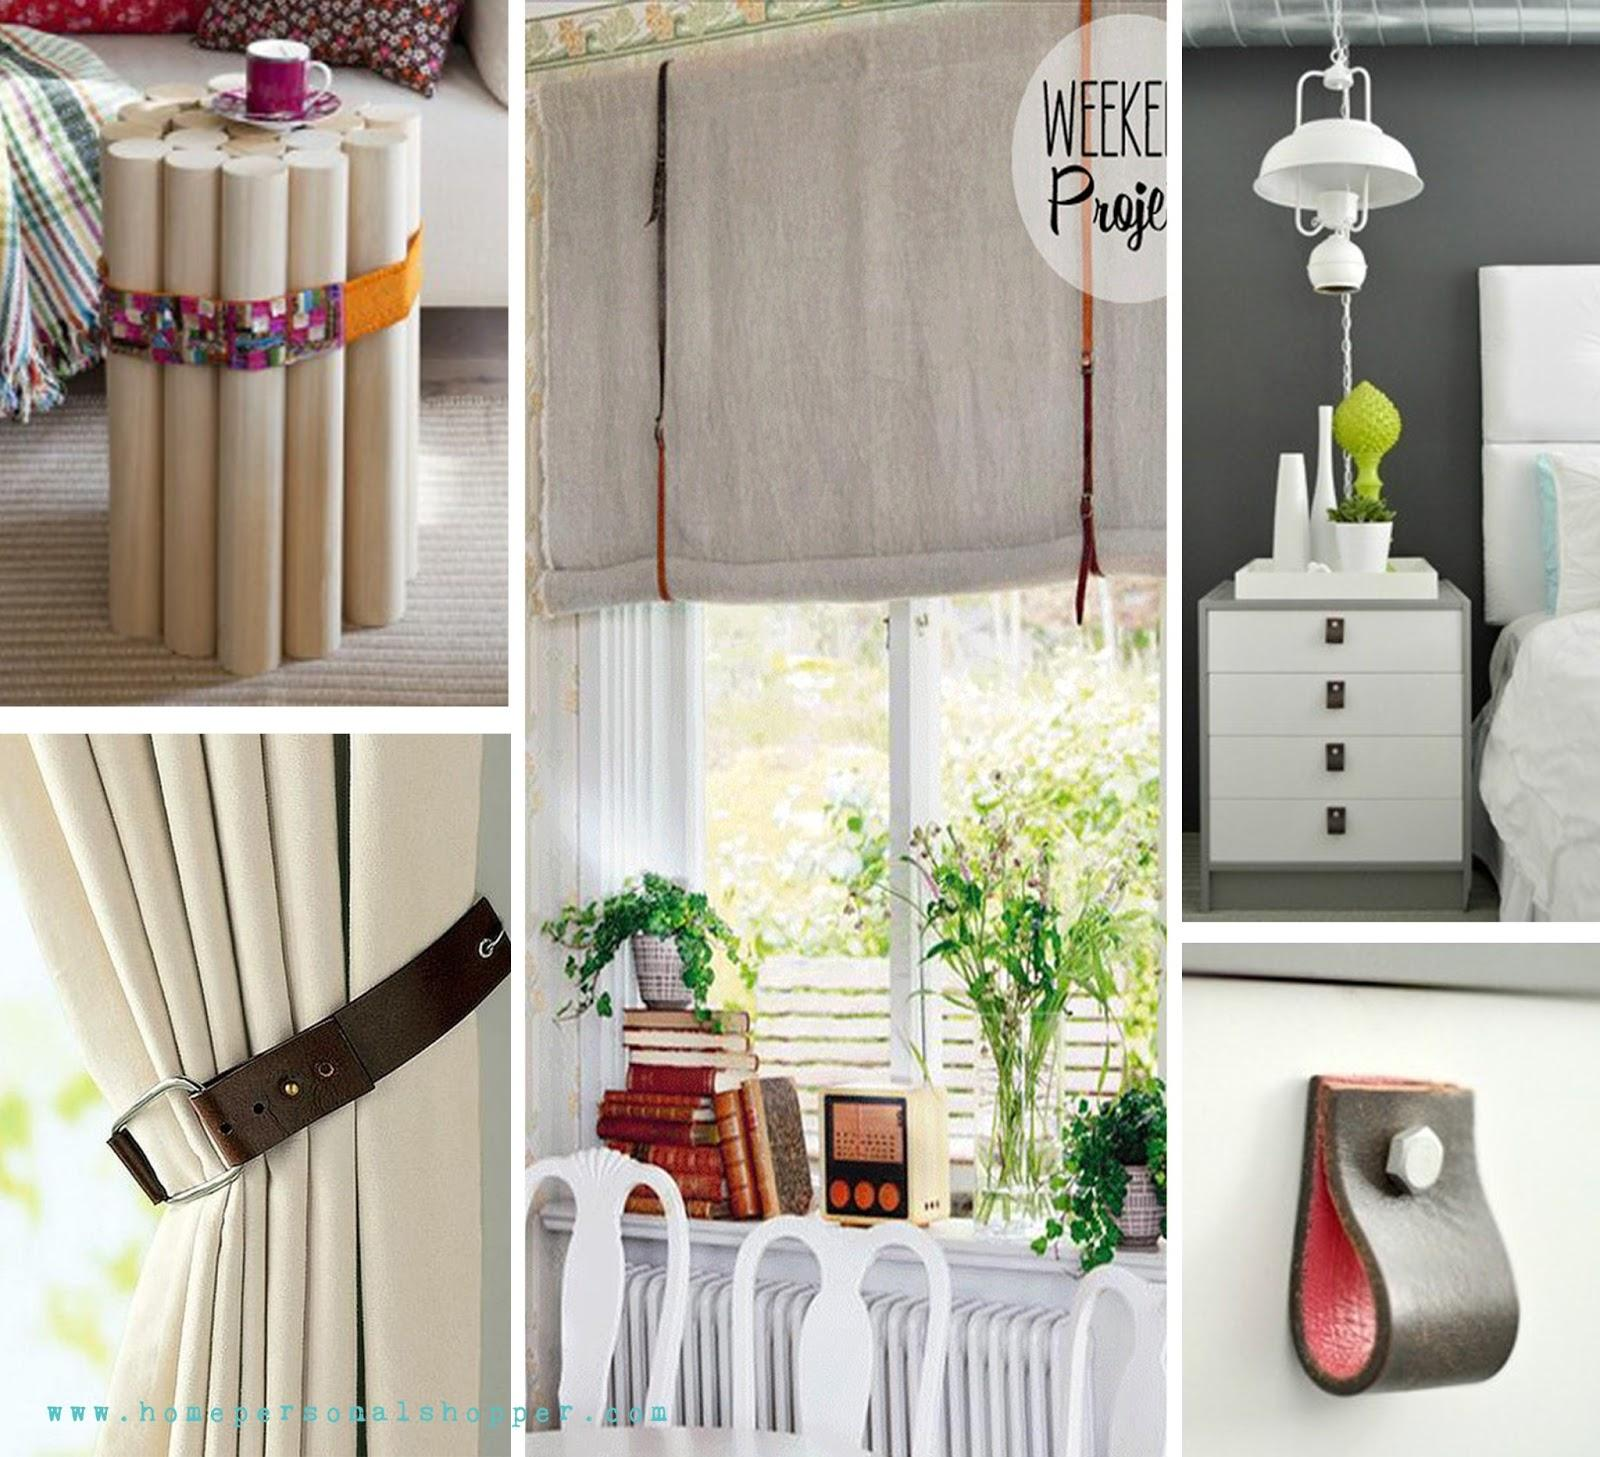 Reutilizando cinturones paperblog - Manualidades decoracion hogar ...